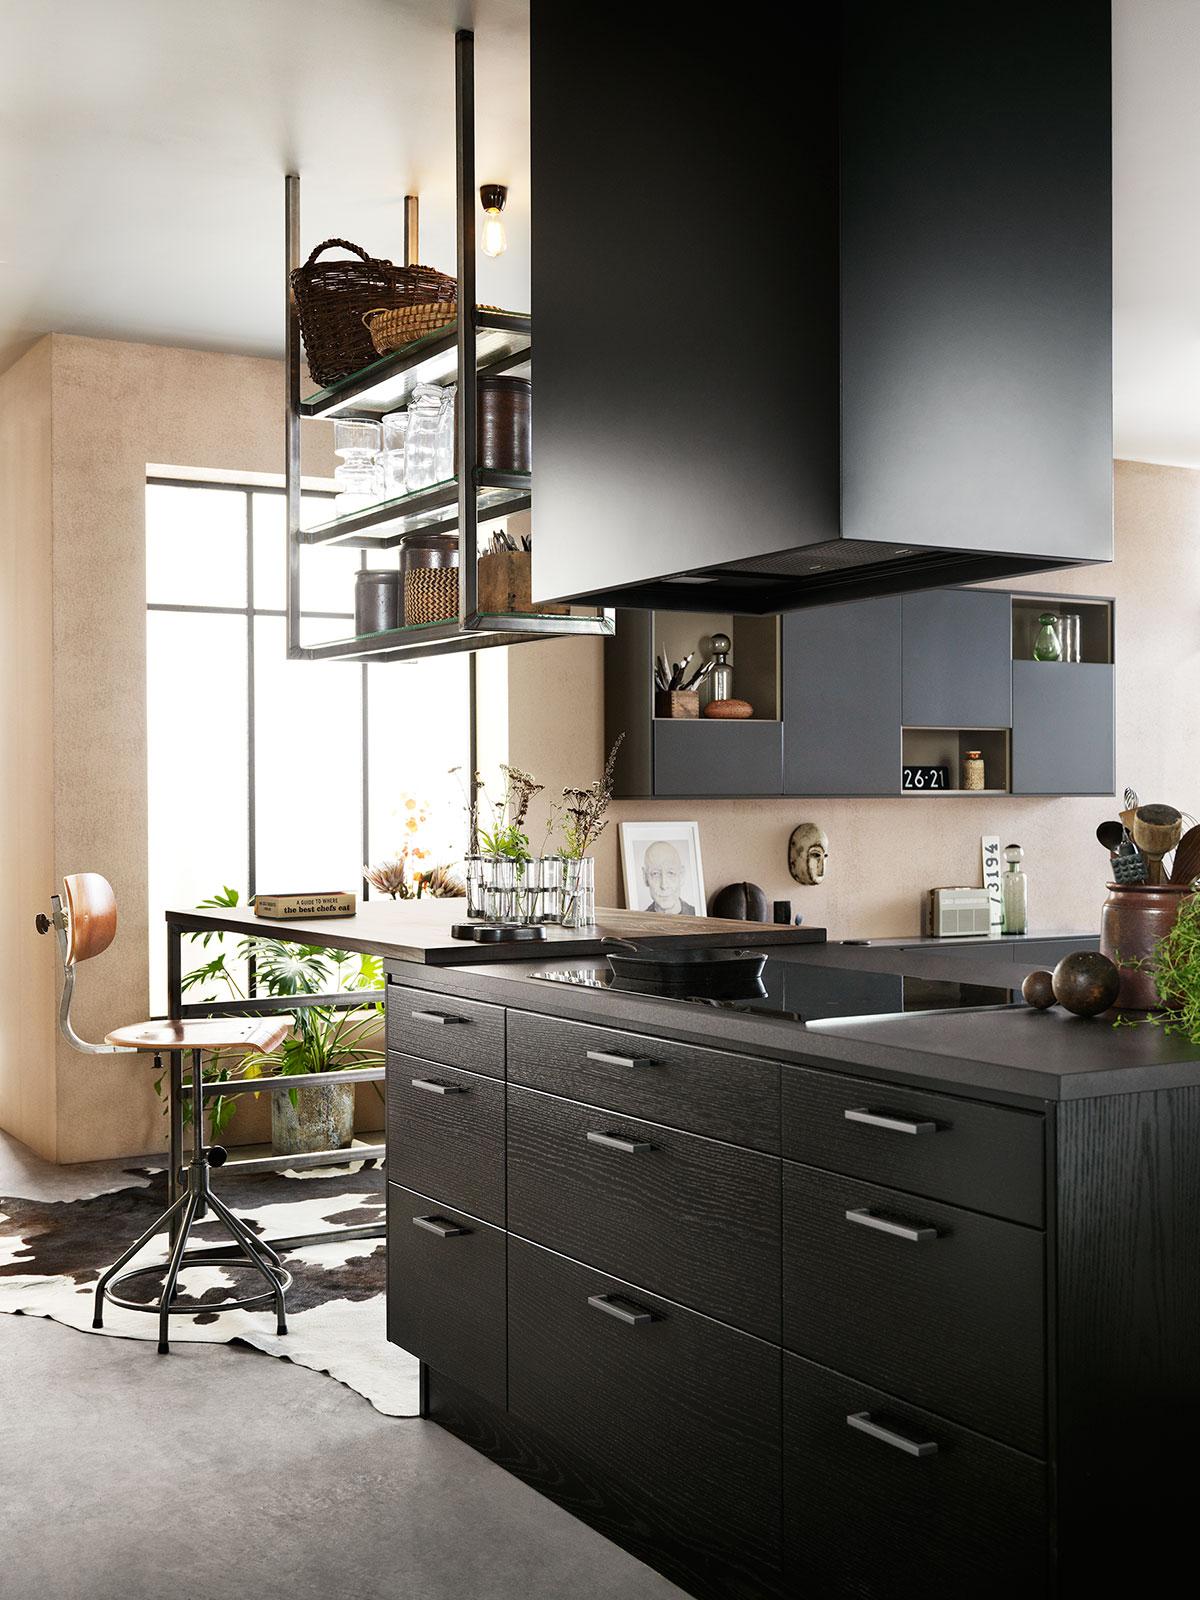 Kjøkkenøy med ventilator